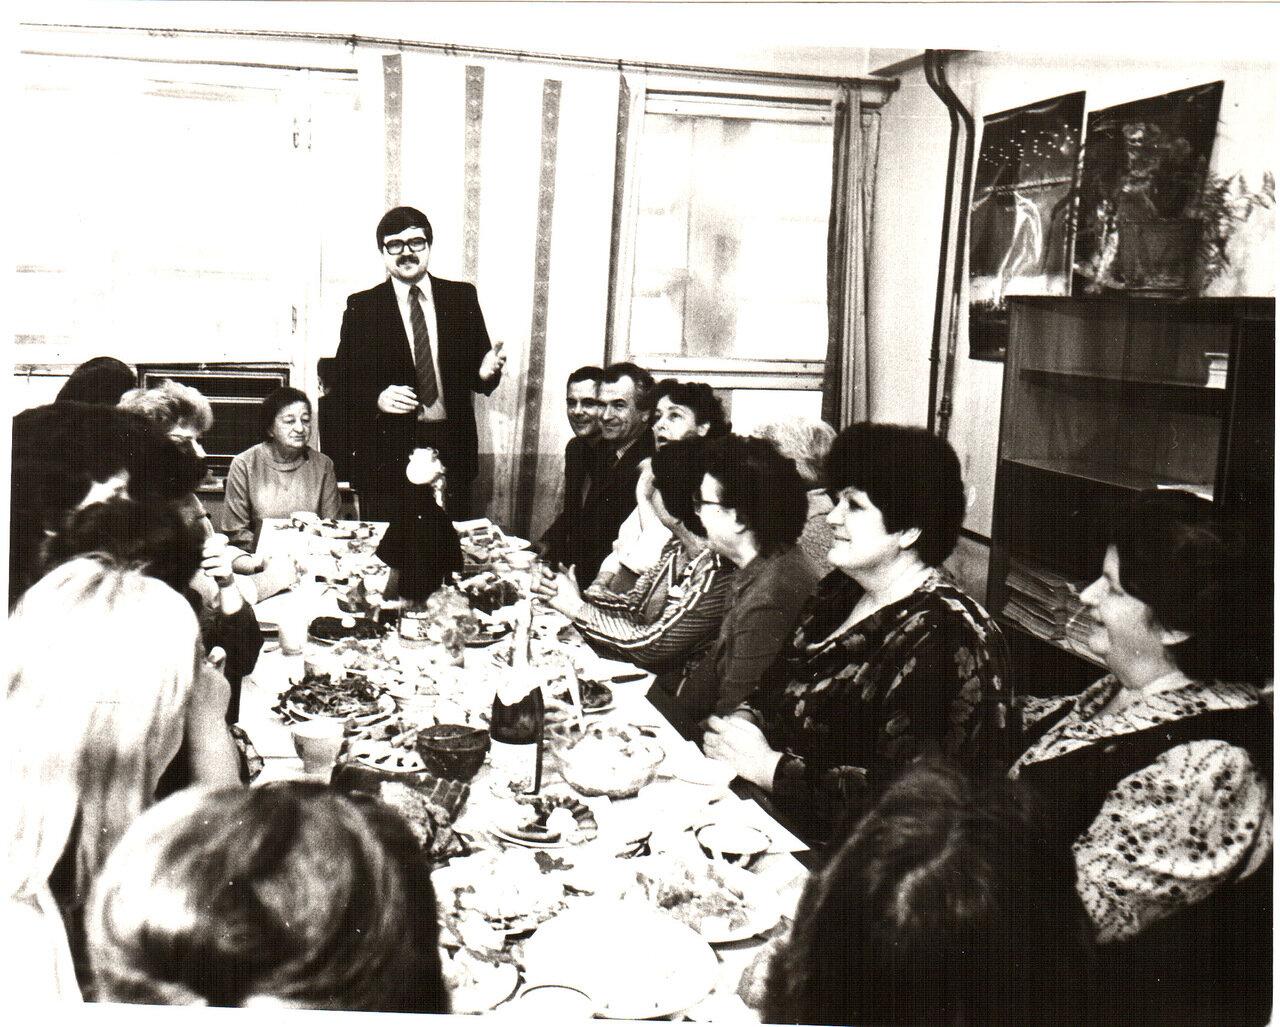 1988. Застолье в редакции газеты Туркменская искра. Ашхабад